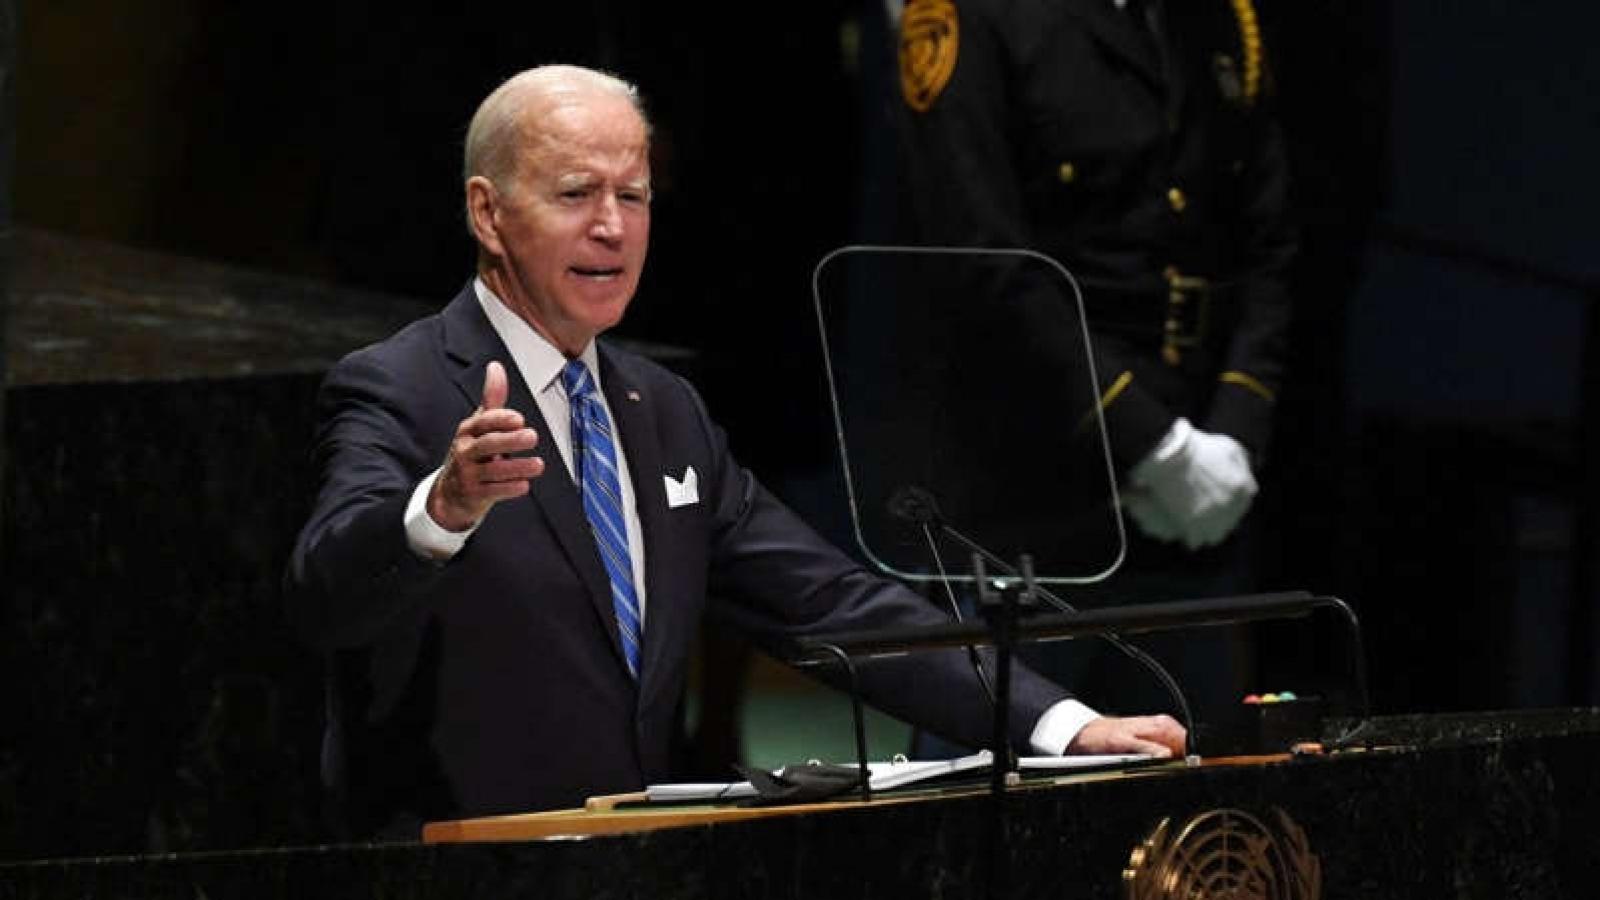 Không nhắc đến Trung Quốc, Biden cam kết không để nước lớn chèn ép nước nhỏ